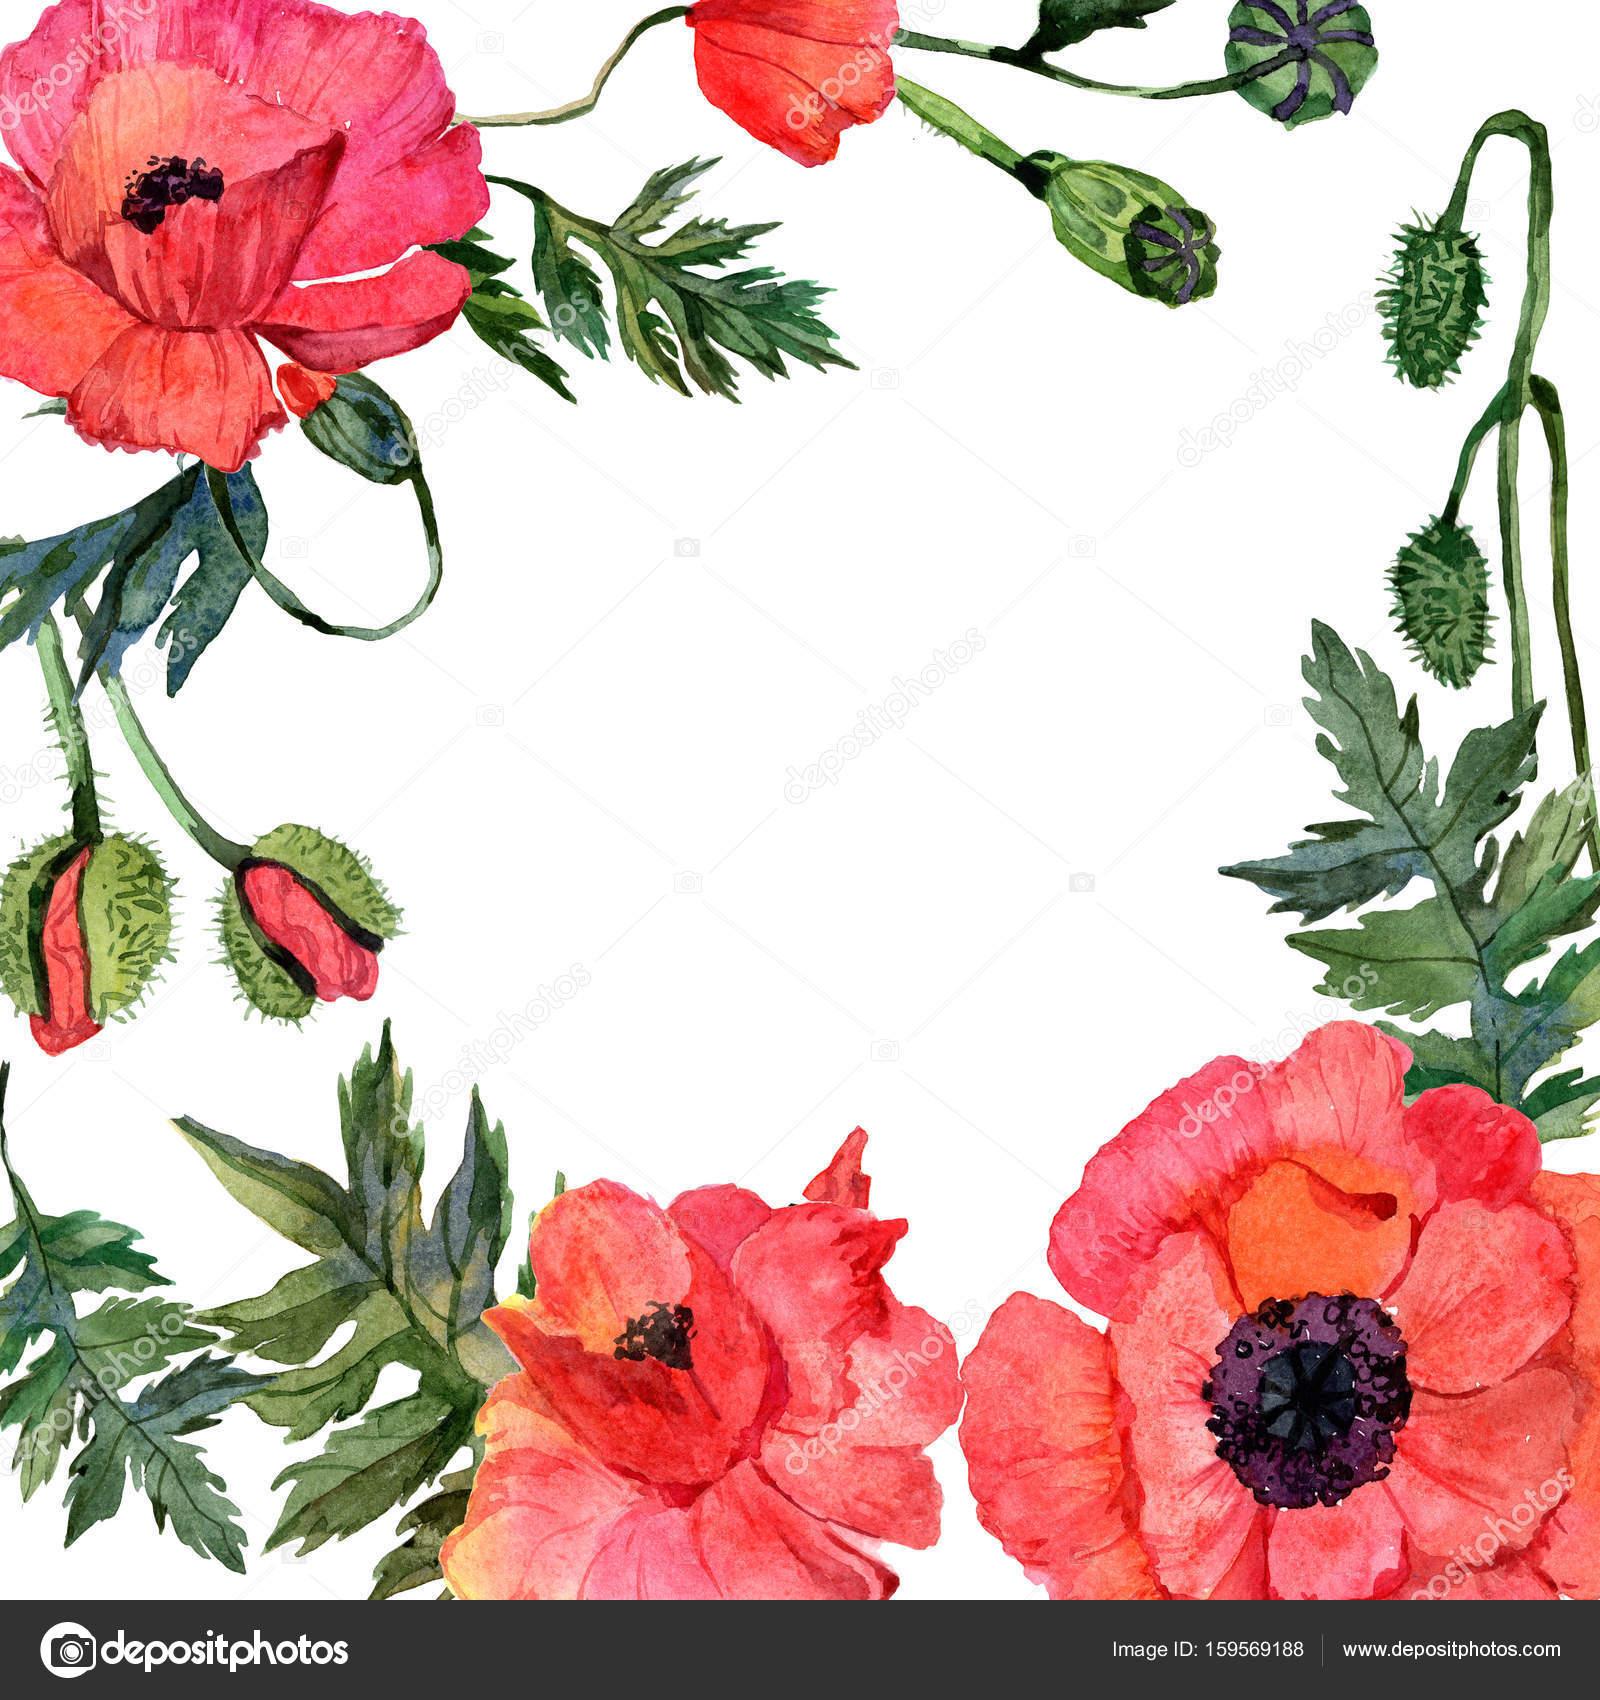 Marco de flor amapola de flores silvestres en un estilo acuarela ...